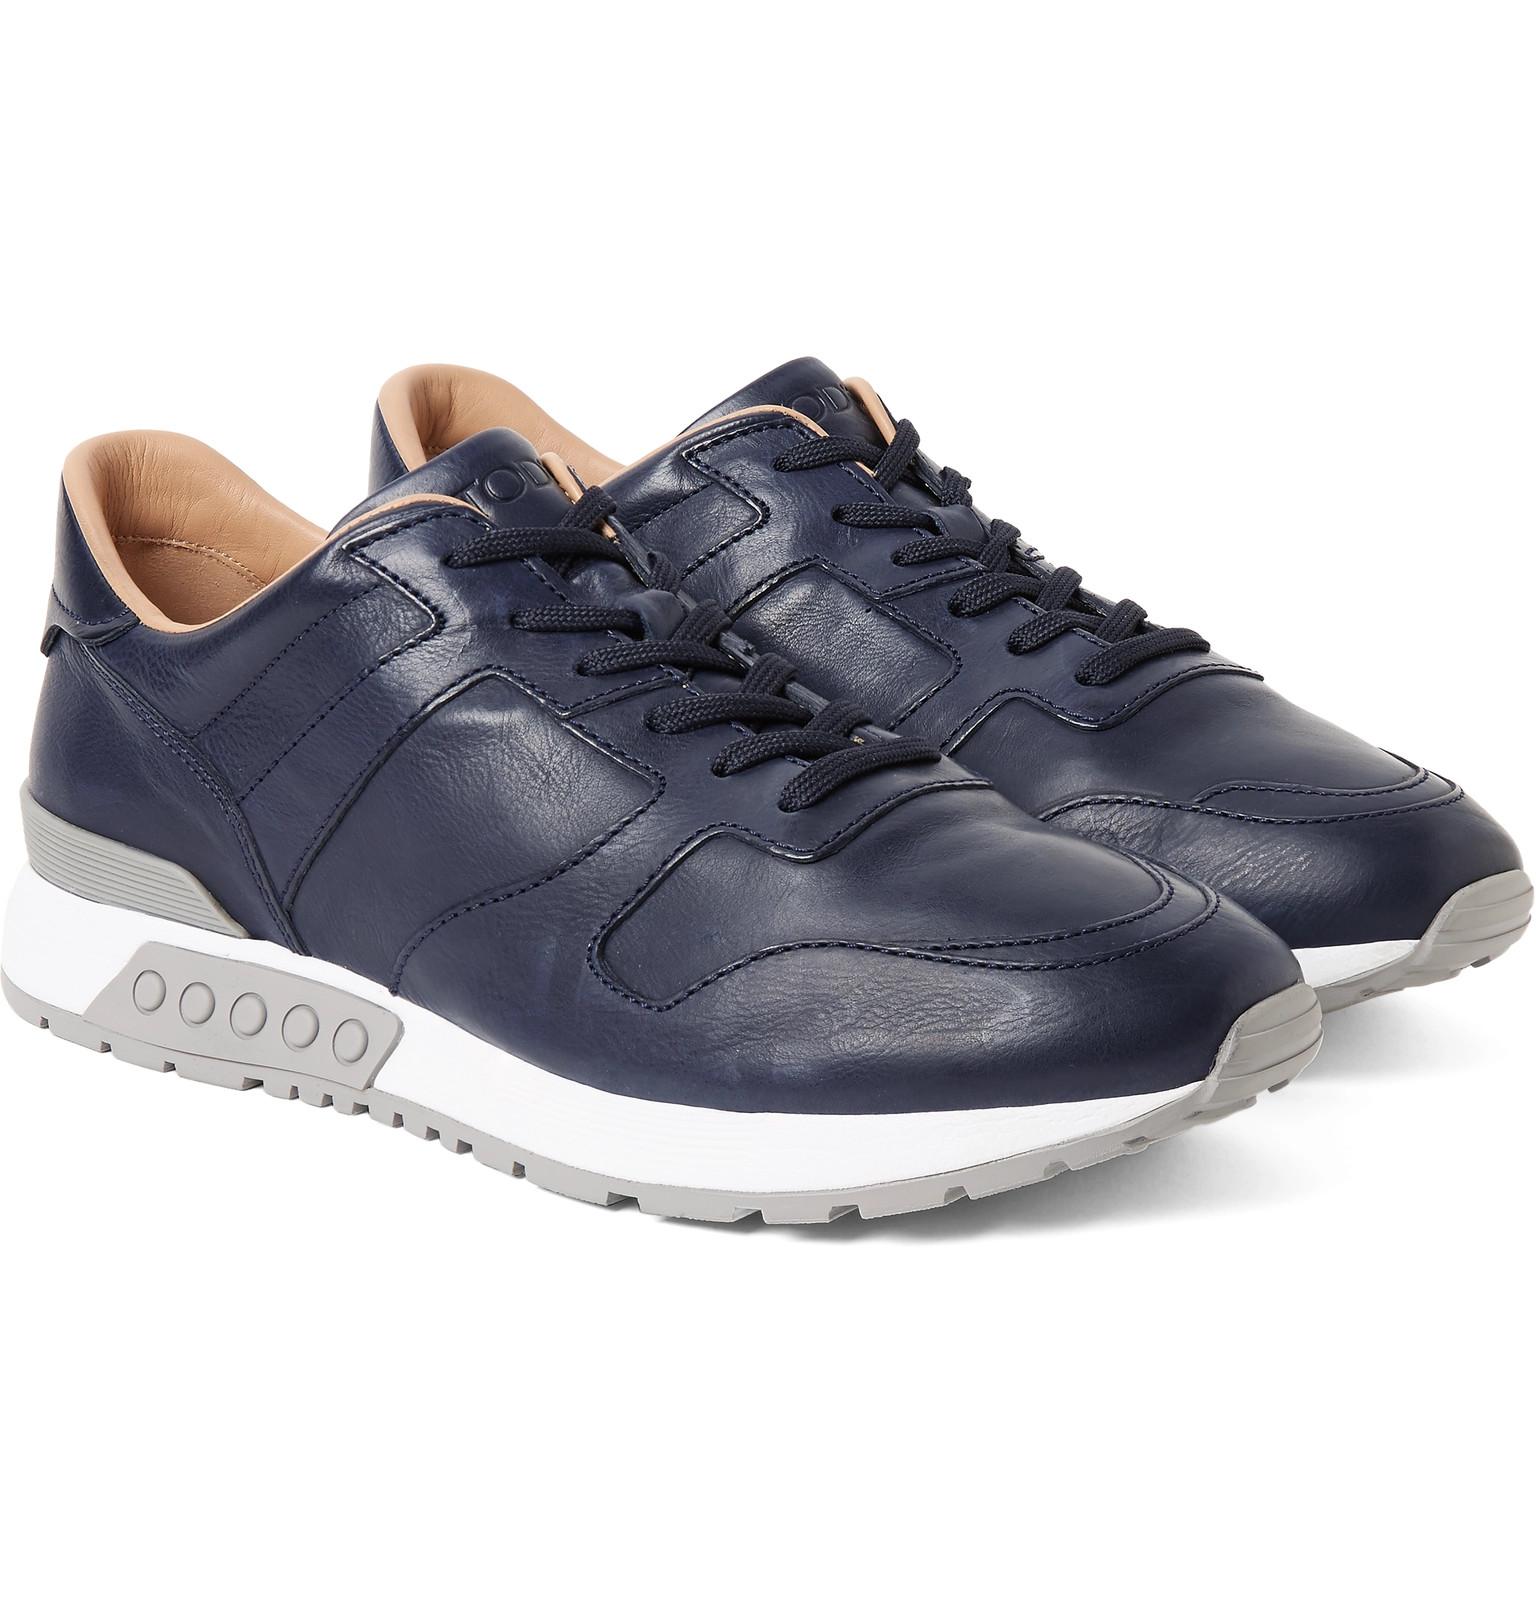 Men's Designer Shoes - Shop Men's Fashion Online at MR PORTER